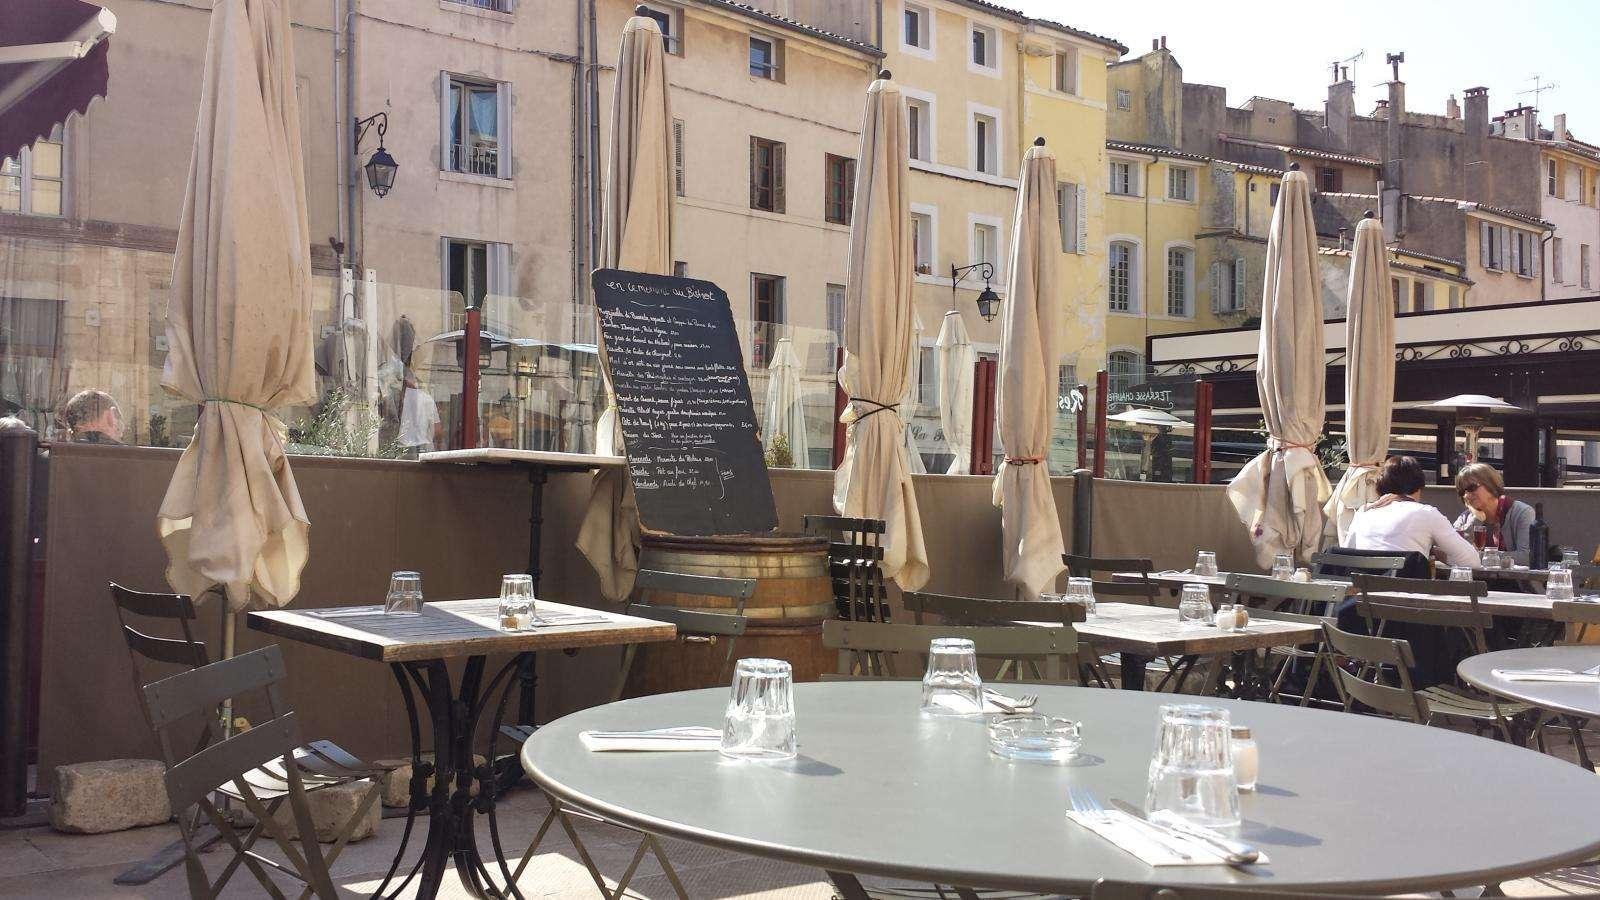 Bar rencontres aix en provence